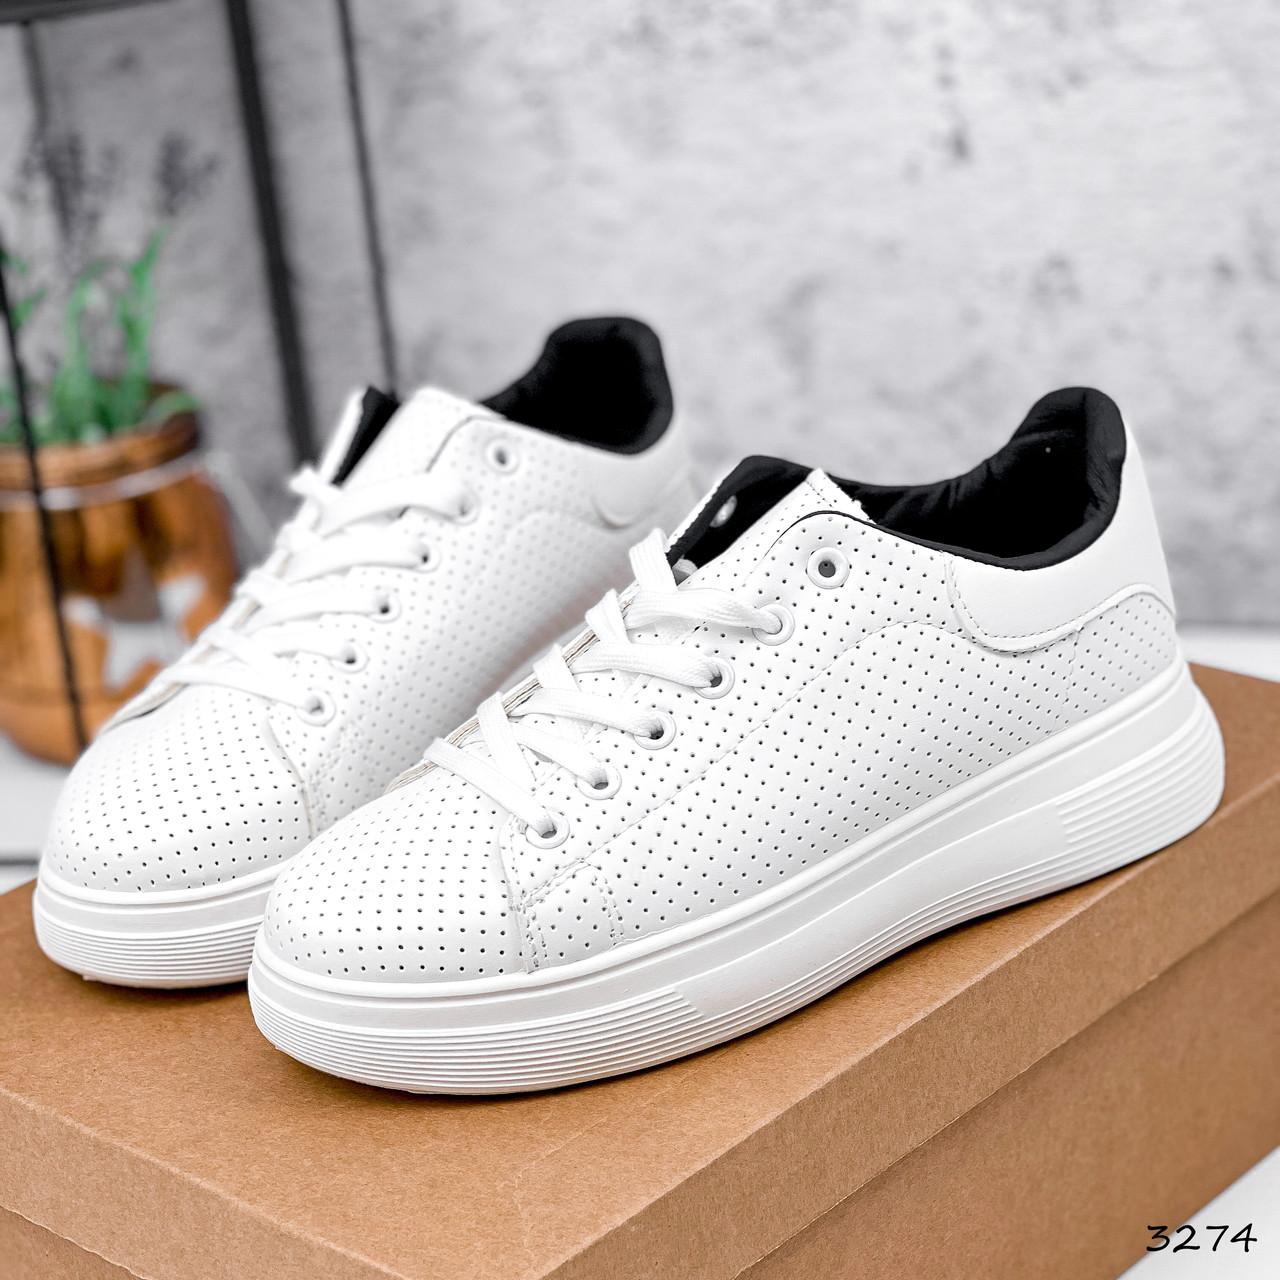 Кроссовки женские Tiago белые + черные 3274